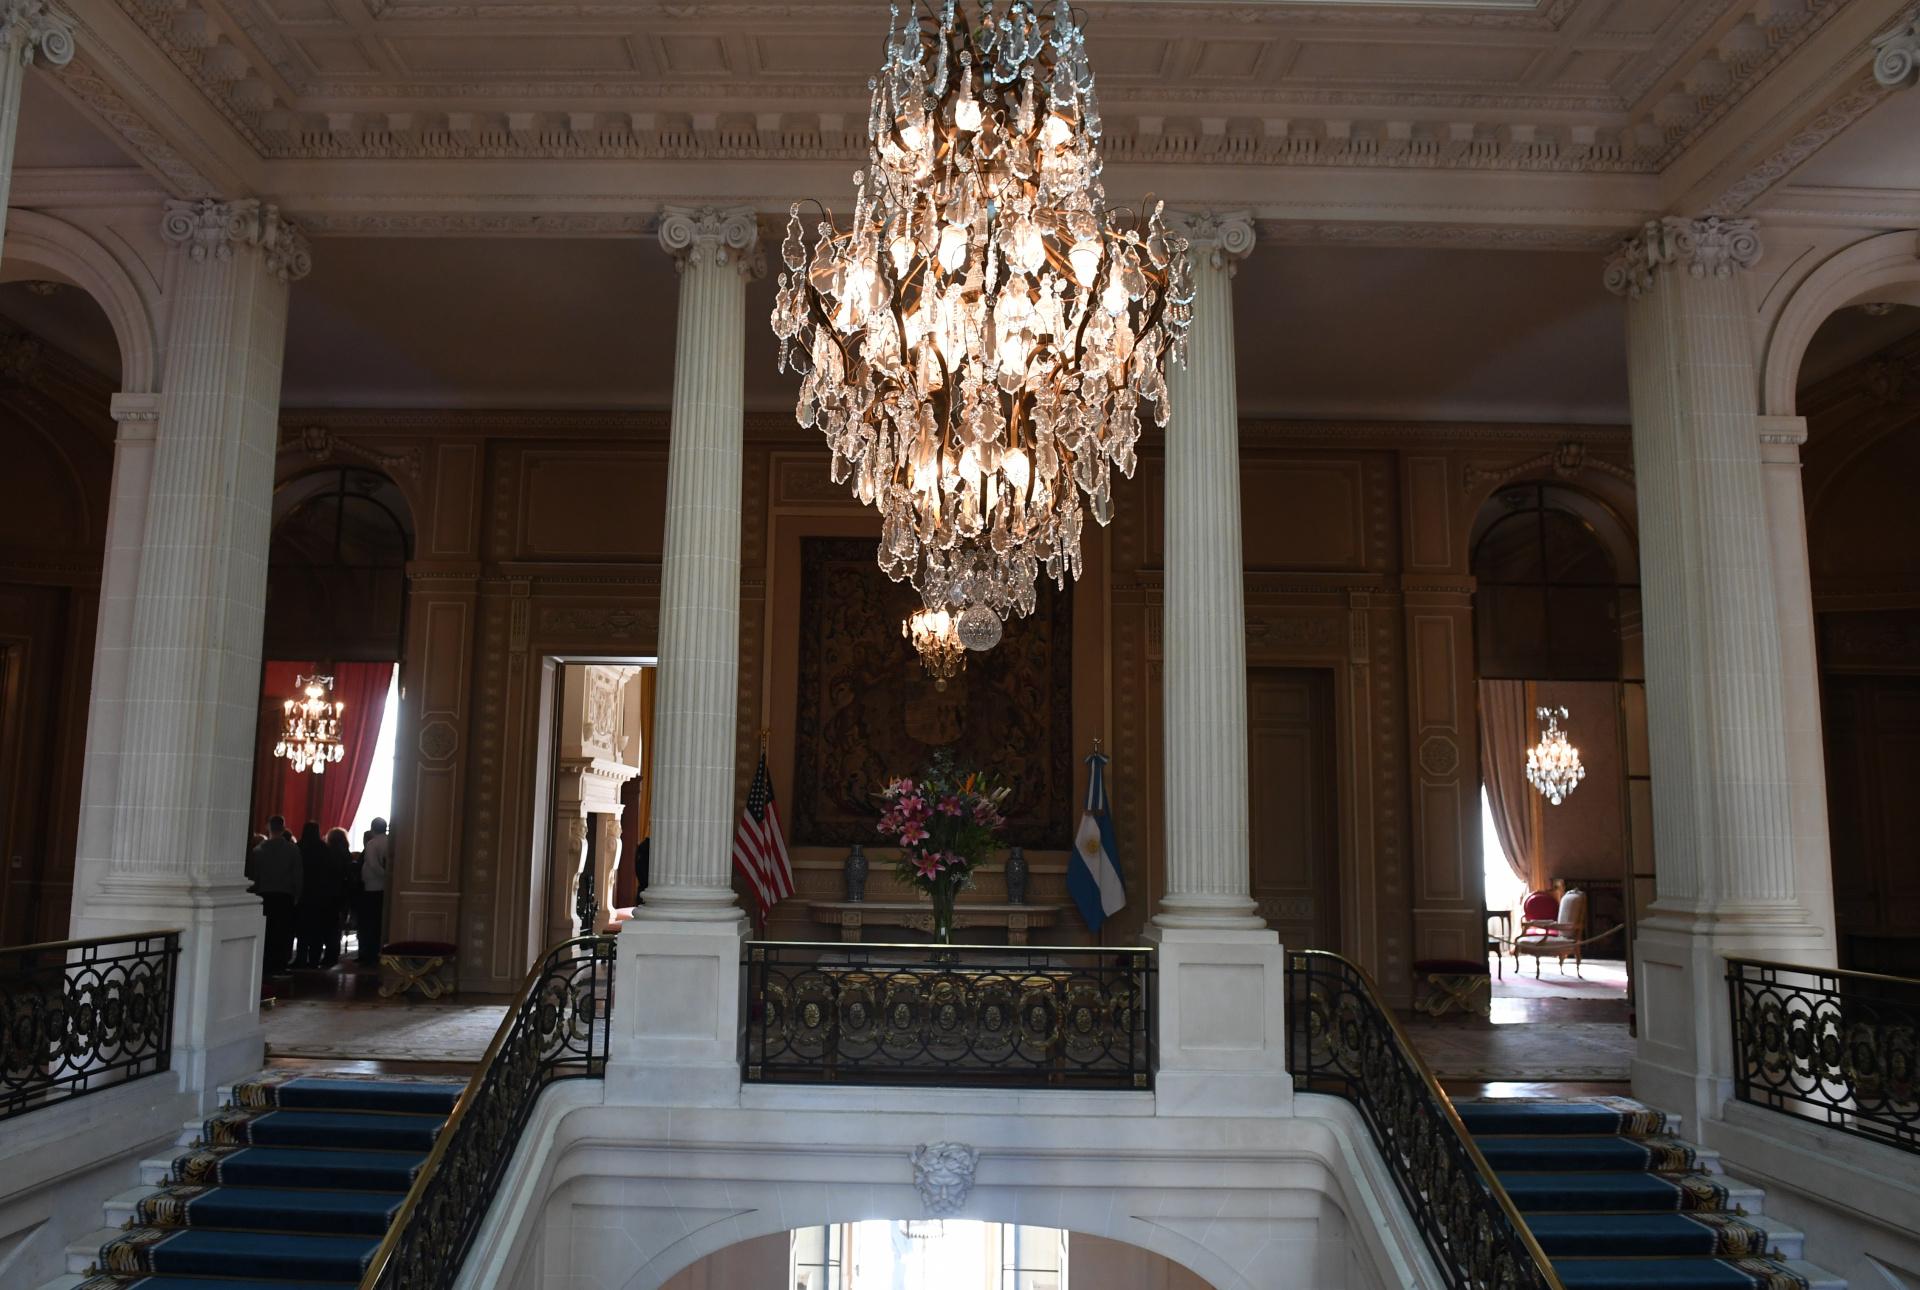 La suntuosa araña-realizada en Argentina- invitaal primer piso, o piso noble, dispuesto para los eventos sociales. Aquí se casó la hija del matrimonio Bosch, en 1917